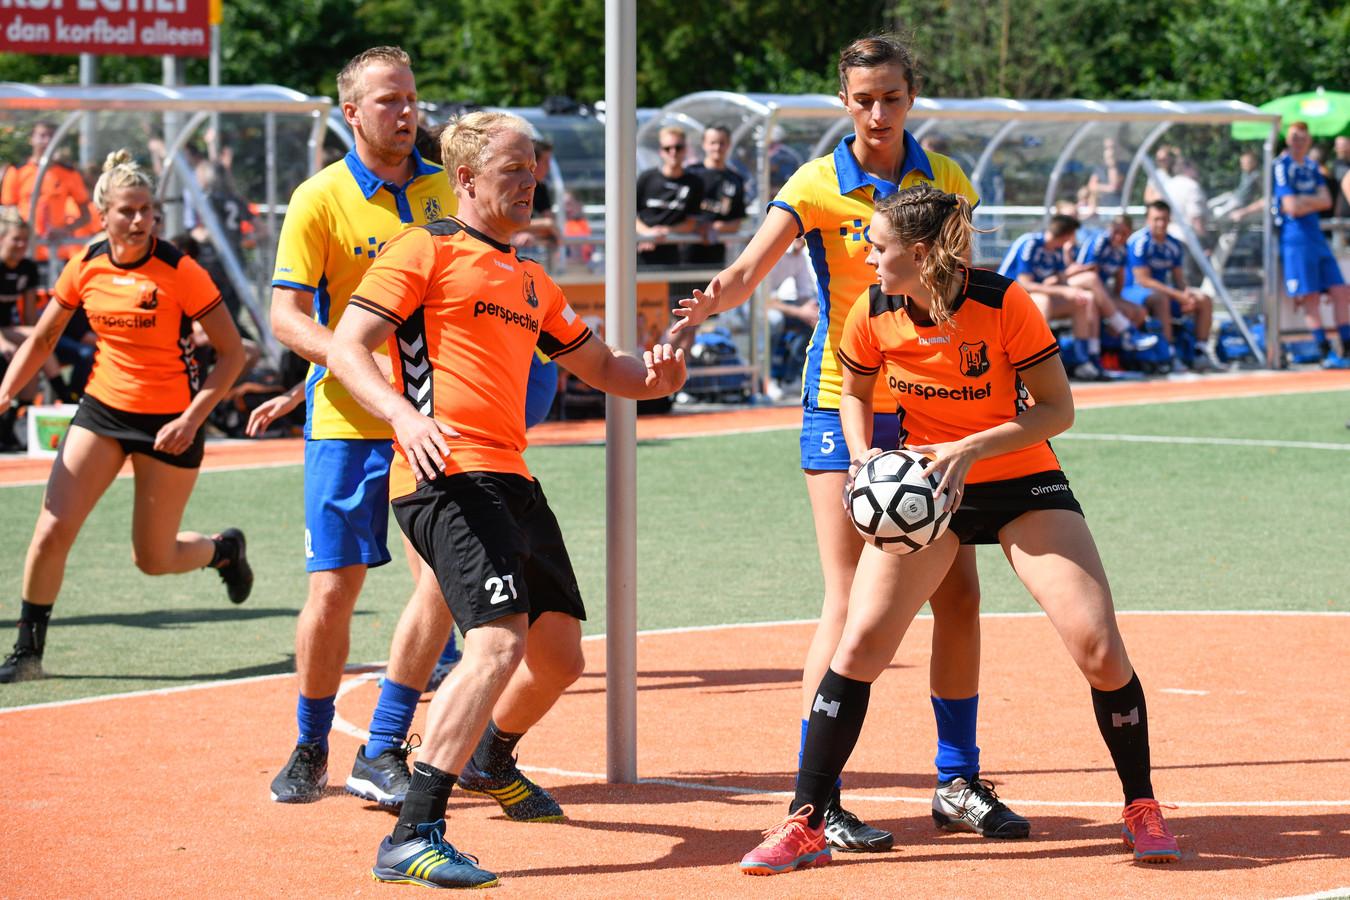 Unitas (oranje) ziet interim-trainer Erik van Hulsteijn vertrekken en voorzitter worden bij De Meeuwen.